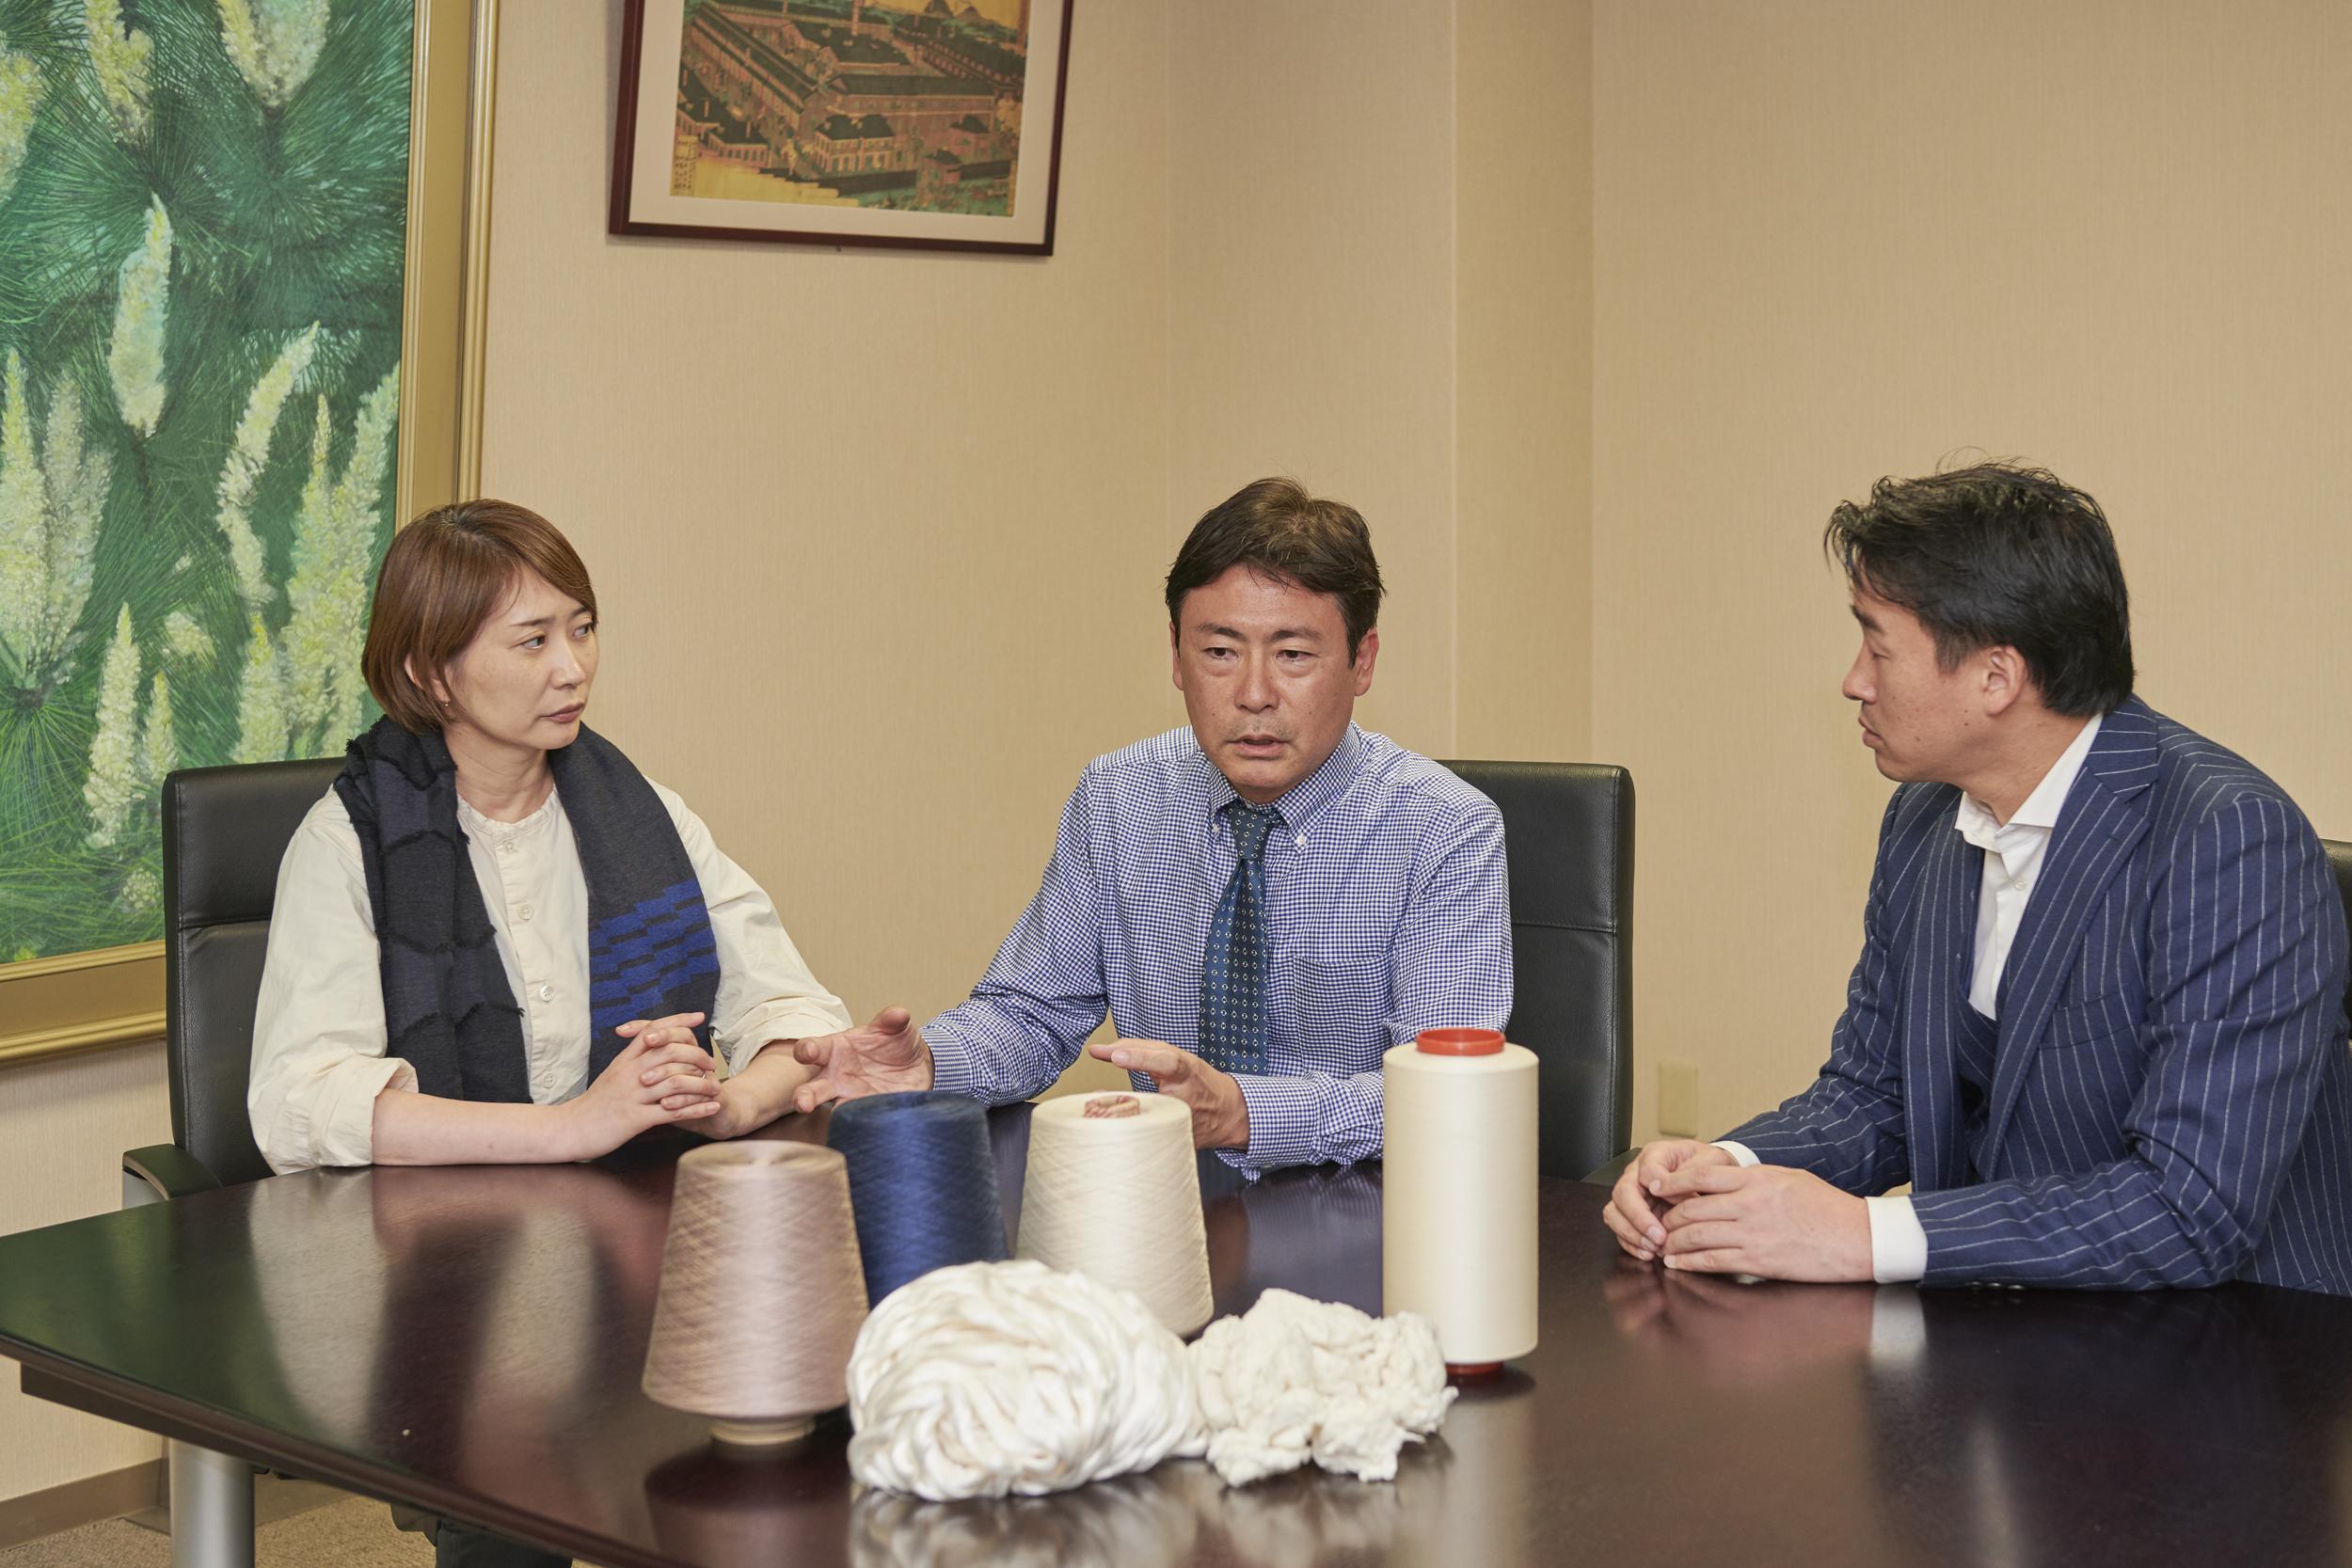 岡修三氏(松村株式会社繊維原料部部長)と梶原加奈子氏(テキスタイルデザイナー)との対談風景